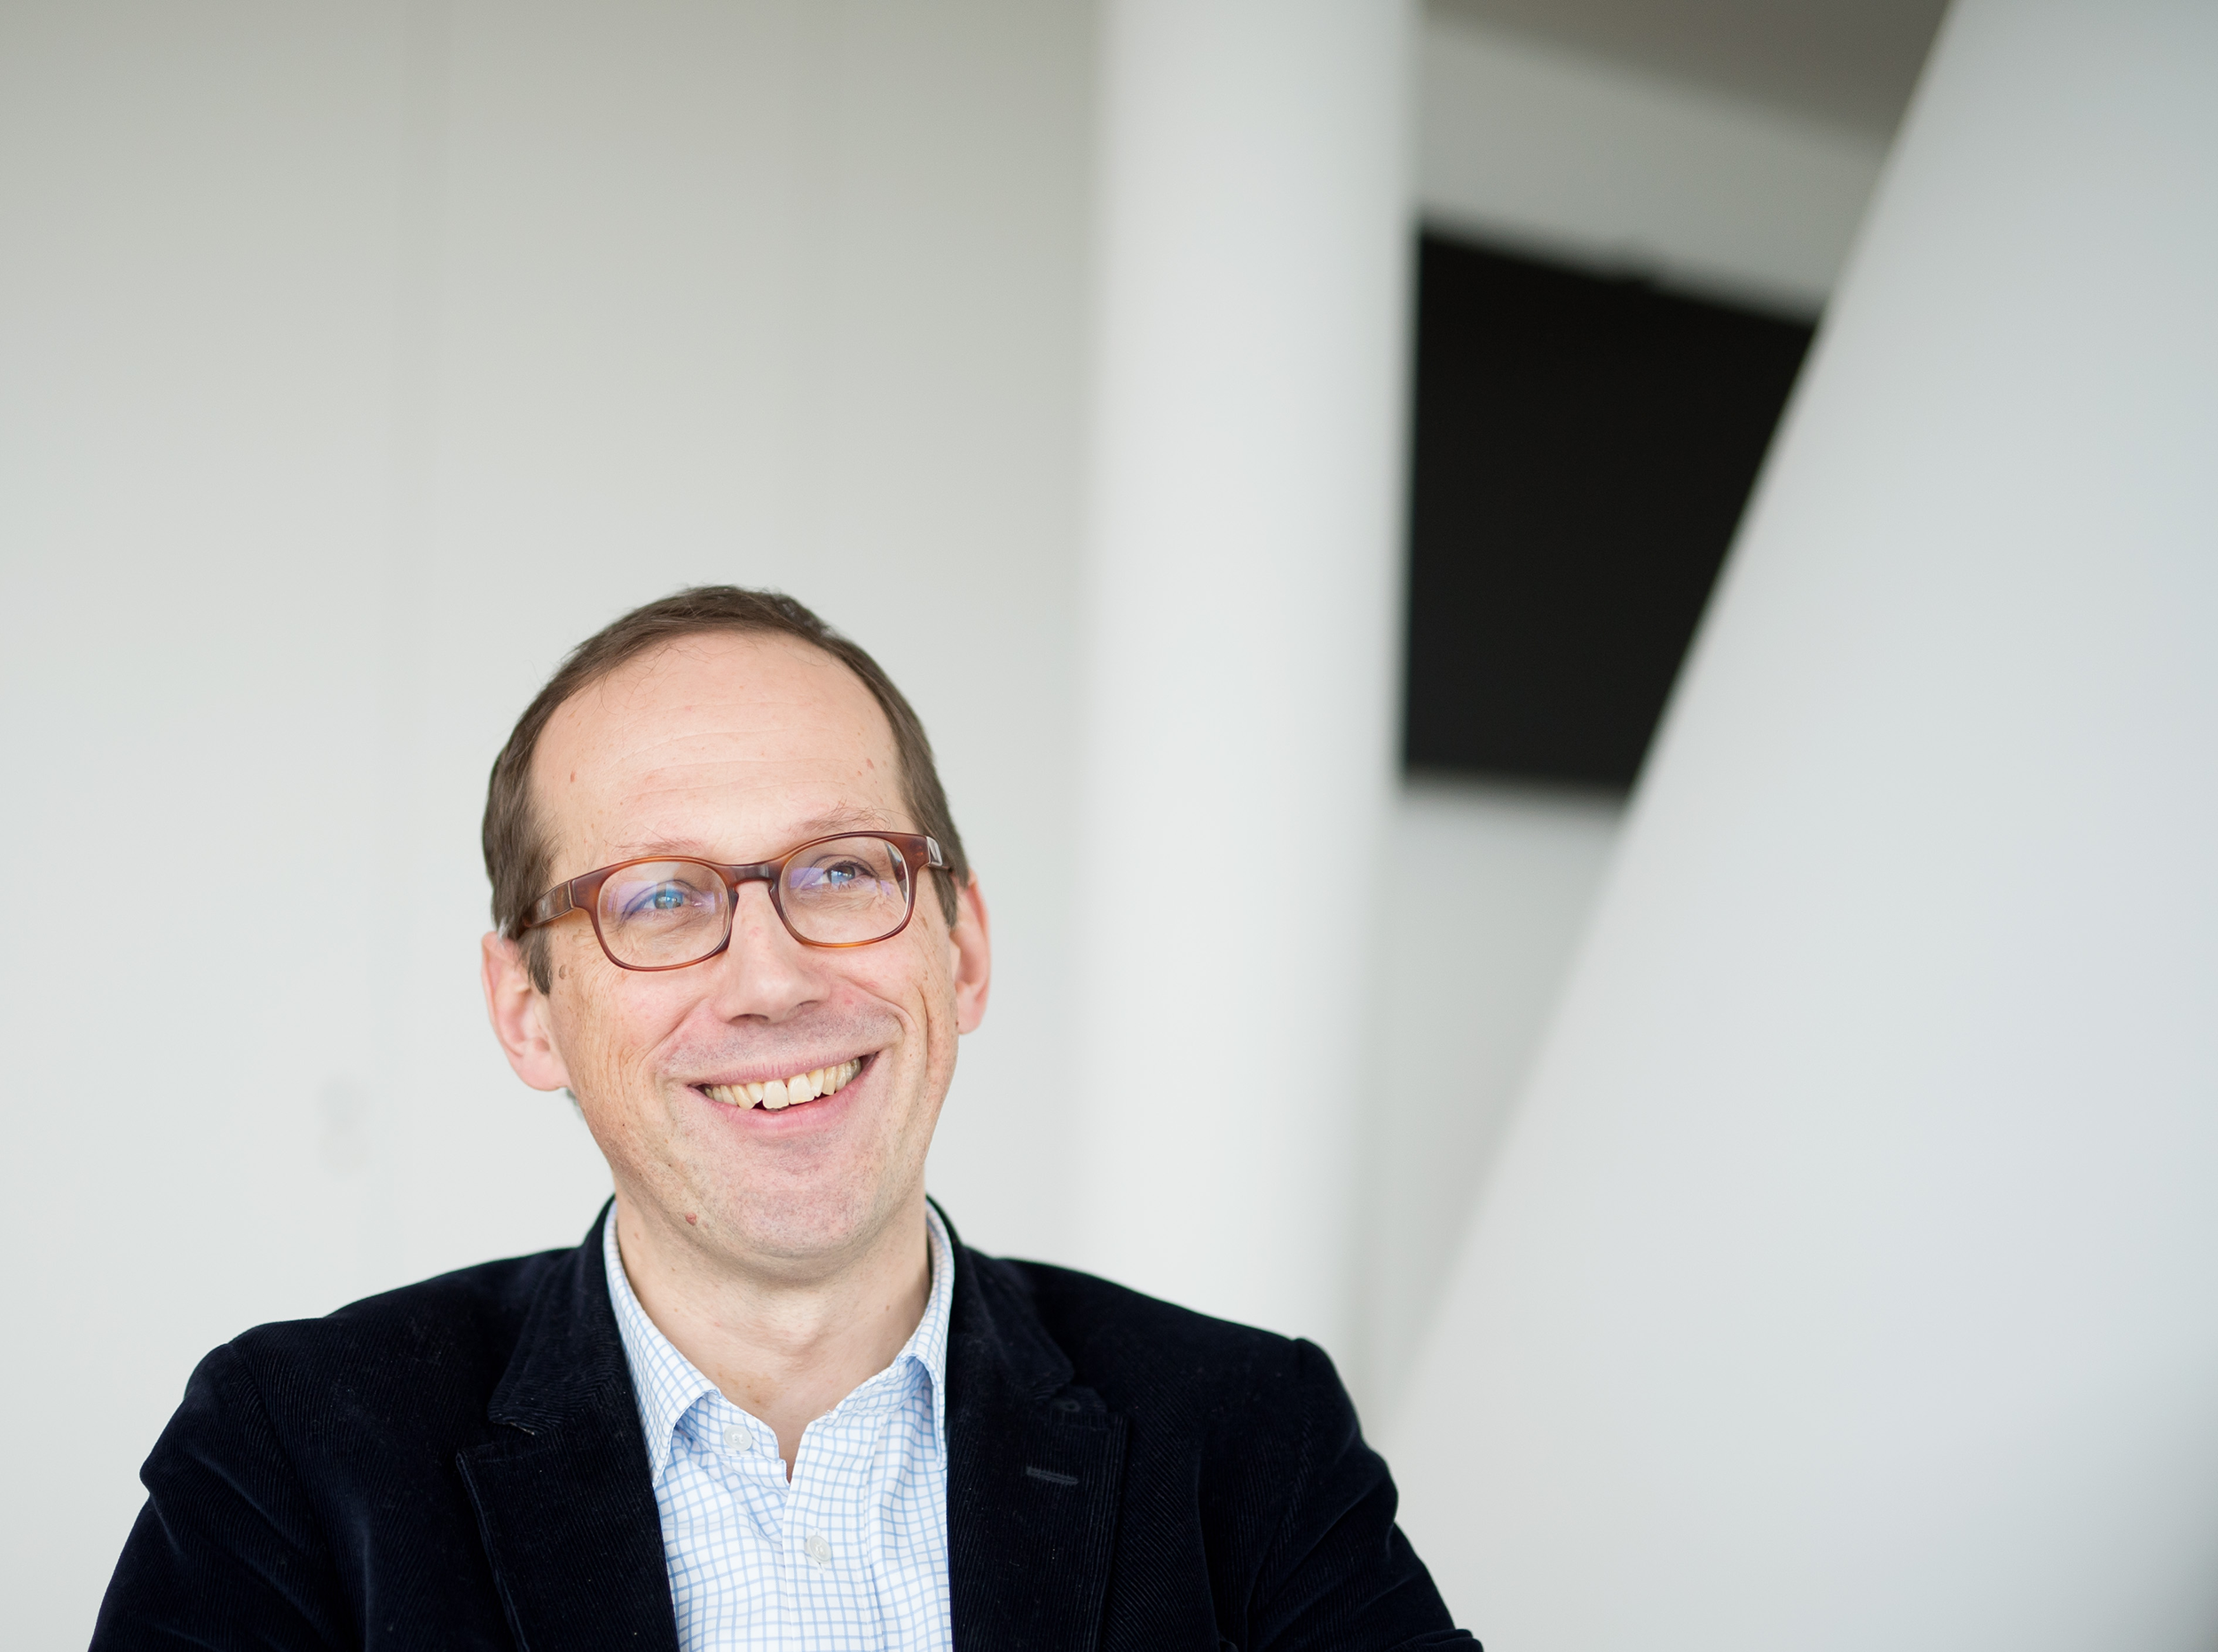 Christoph Lieben-Seutter